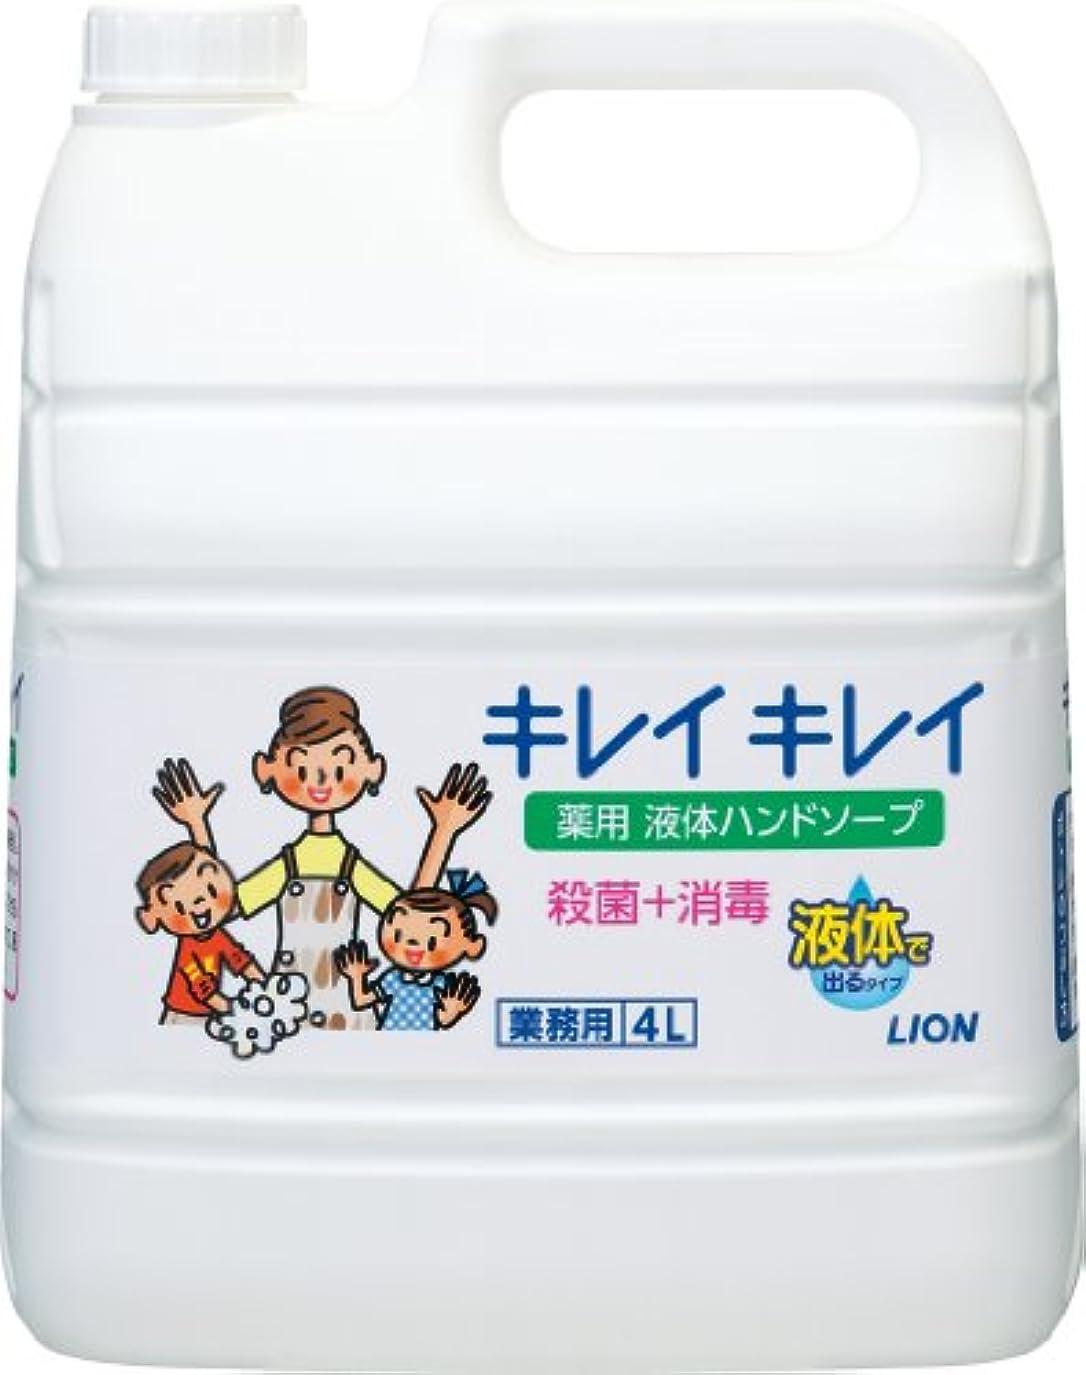 確保する恐ろしいアシュリータファーマン【業務用 大容量】キレイキレイ 薬用 ハンドソープ  4L(医薬部外品)